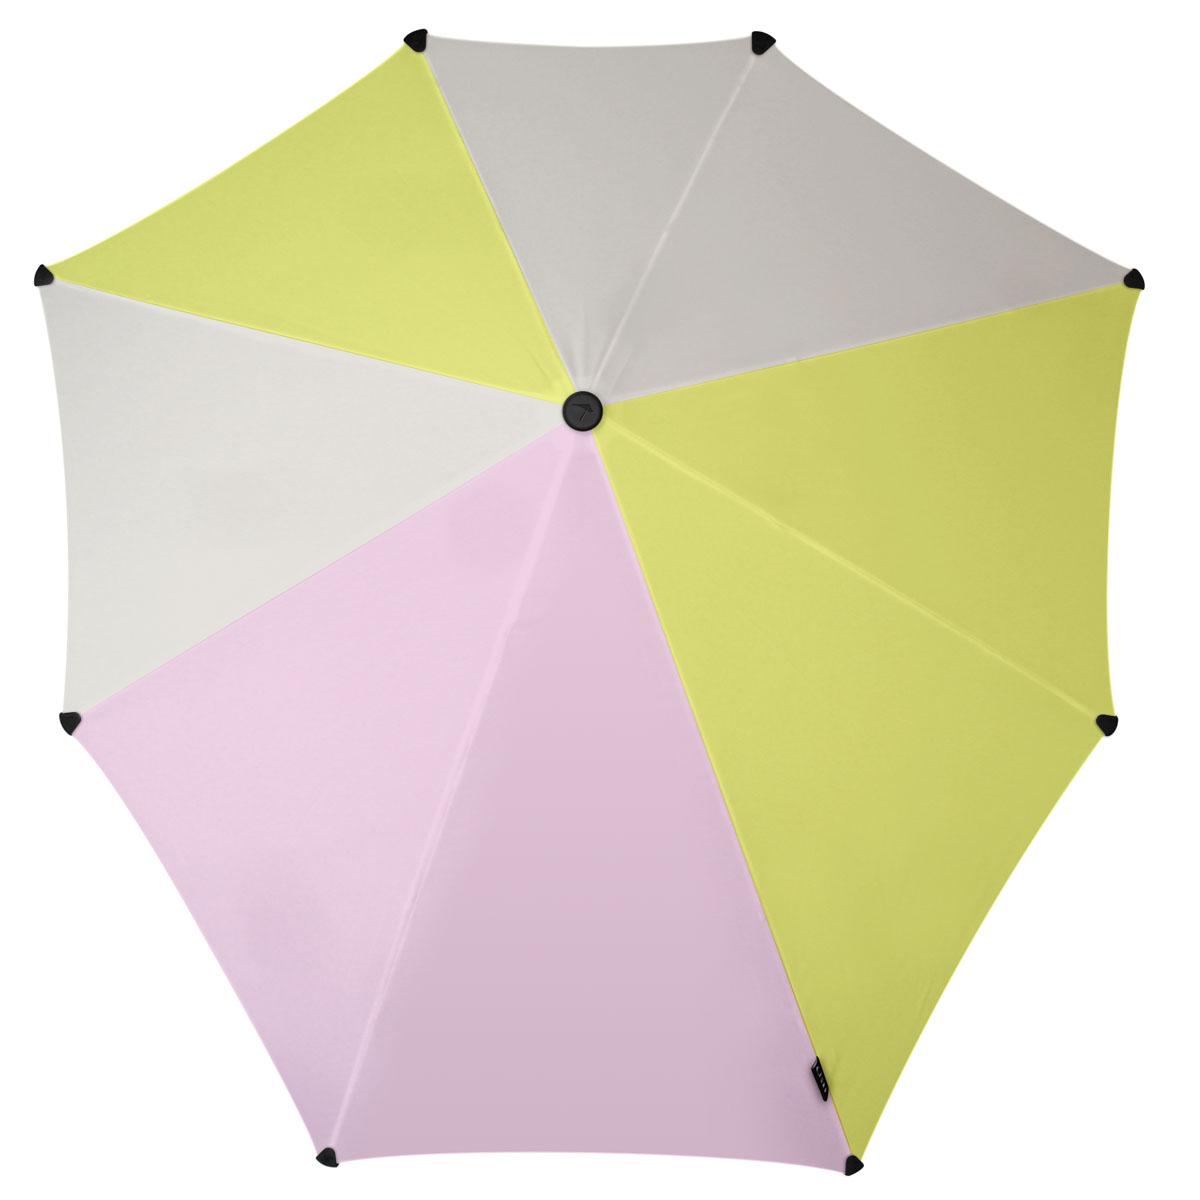 Зонт-трость Senz, цвет: серый, салатовый, розовый. 20110771003-ZK1268/zИнновационный противоштормовый зонт, выдерживающий любую непогоду. Входит в коллекцию global playground, разработанную в соответствии с современными течениями fashion-индустрии. Вдохновением для дизайнеров стали улицы городов по всему земному шару. На новых принтах вы встретите уникальный микс всего, что мы открываем для себя во время путешествий: разнообразие оттенков, цветов, теней, линий и форм. Зонт Senz отлично дополнит образ, подчеркнет индивидуальность и вкус своего обладателя.Форма купола продумана так, что вы легко найдете самое удобное положение на ветру – без паники и без борьбы со стихией. Закрывает спину от дождя. Благодаря своей усовершенствованной конструкции, зонт не выворачивается наизнанку даже при сильном ветре. Модель Senz Original выдержала испытания в аэротрубе со скоростью ветра 100 км/ч. Характеристики:- тип — трость- выдерживает порывы ветра до 100 км/ч- УФ-защита 50+- удобная мягкая ручка- безопасные колпачки на кончиках спицах- в комплекте прочный чехол из плотной ткани с лямкой на плечо - гарантия 2 года